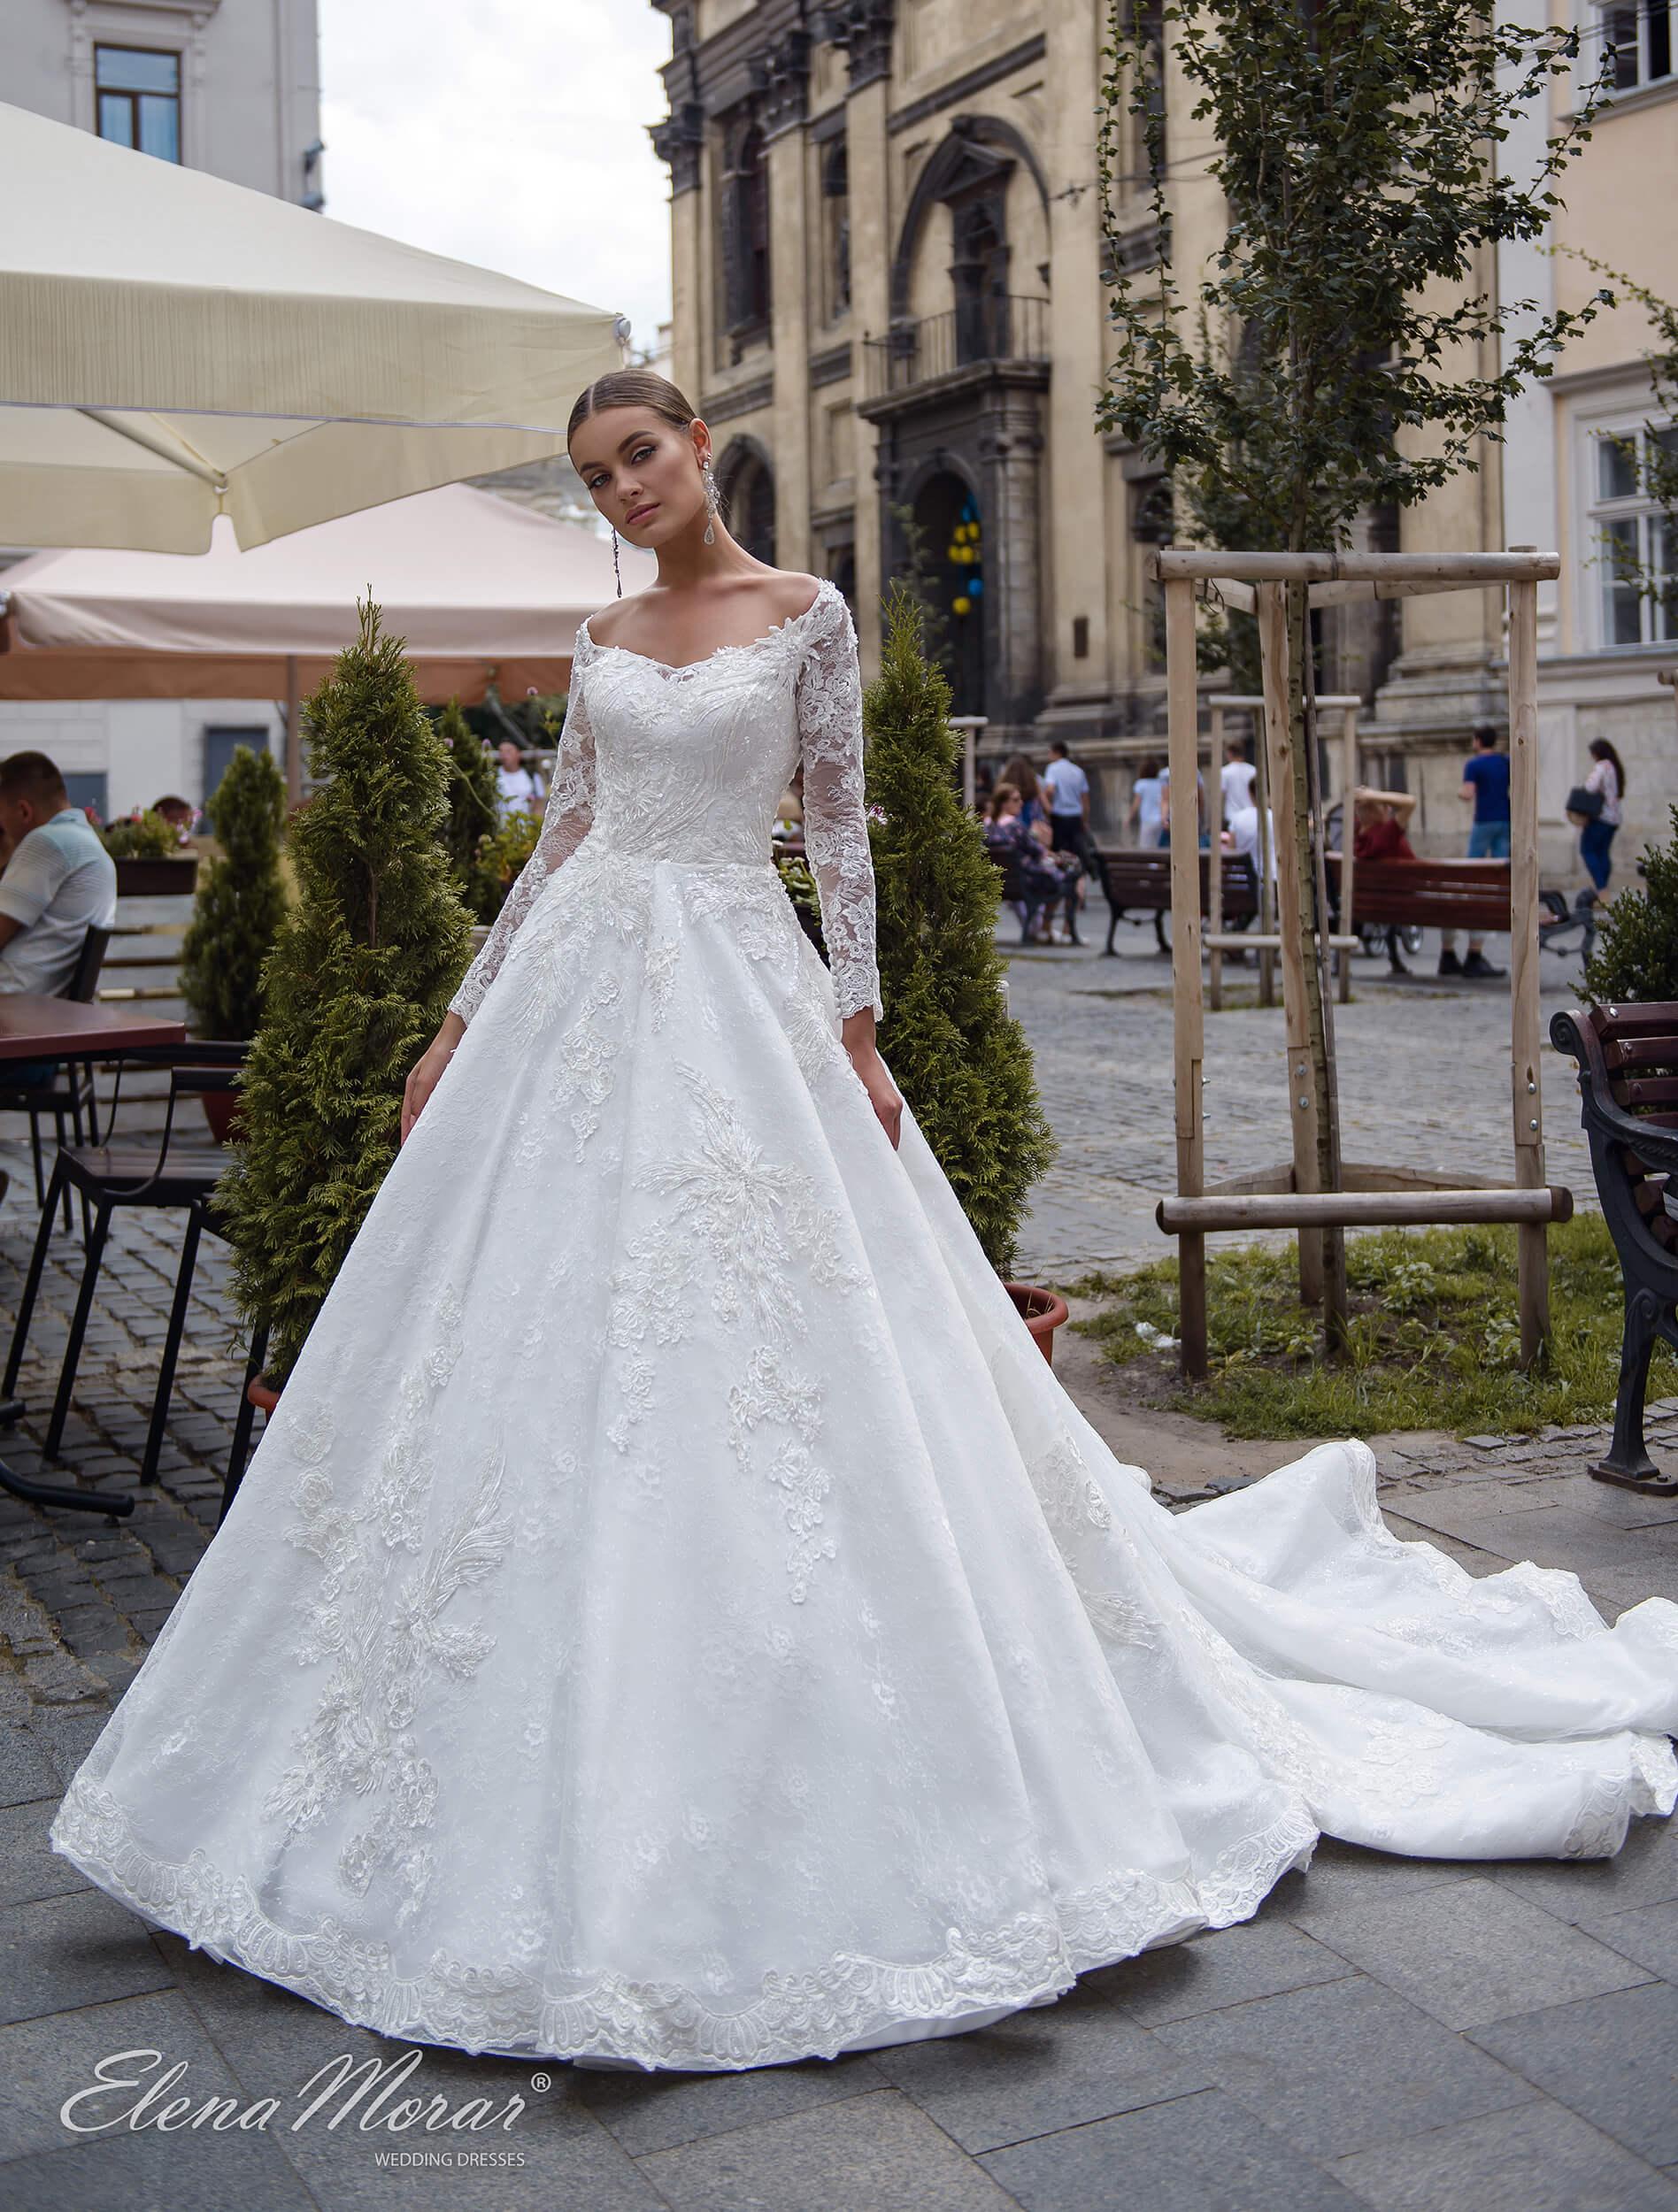 самые красивые пышные свадебные платья(1) | Vero